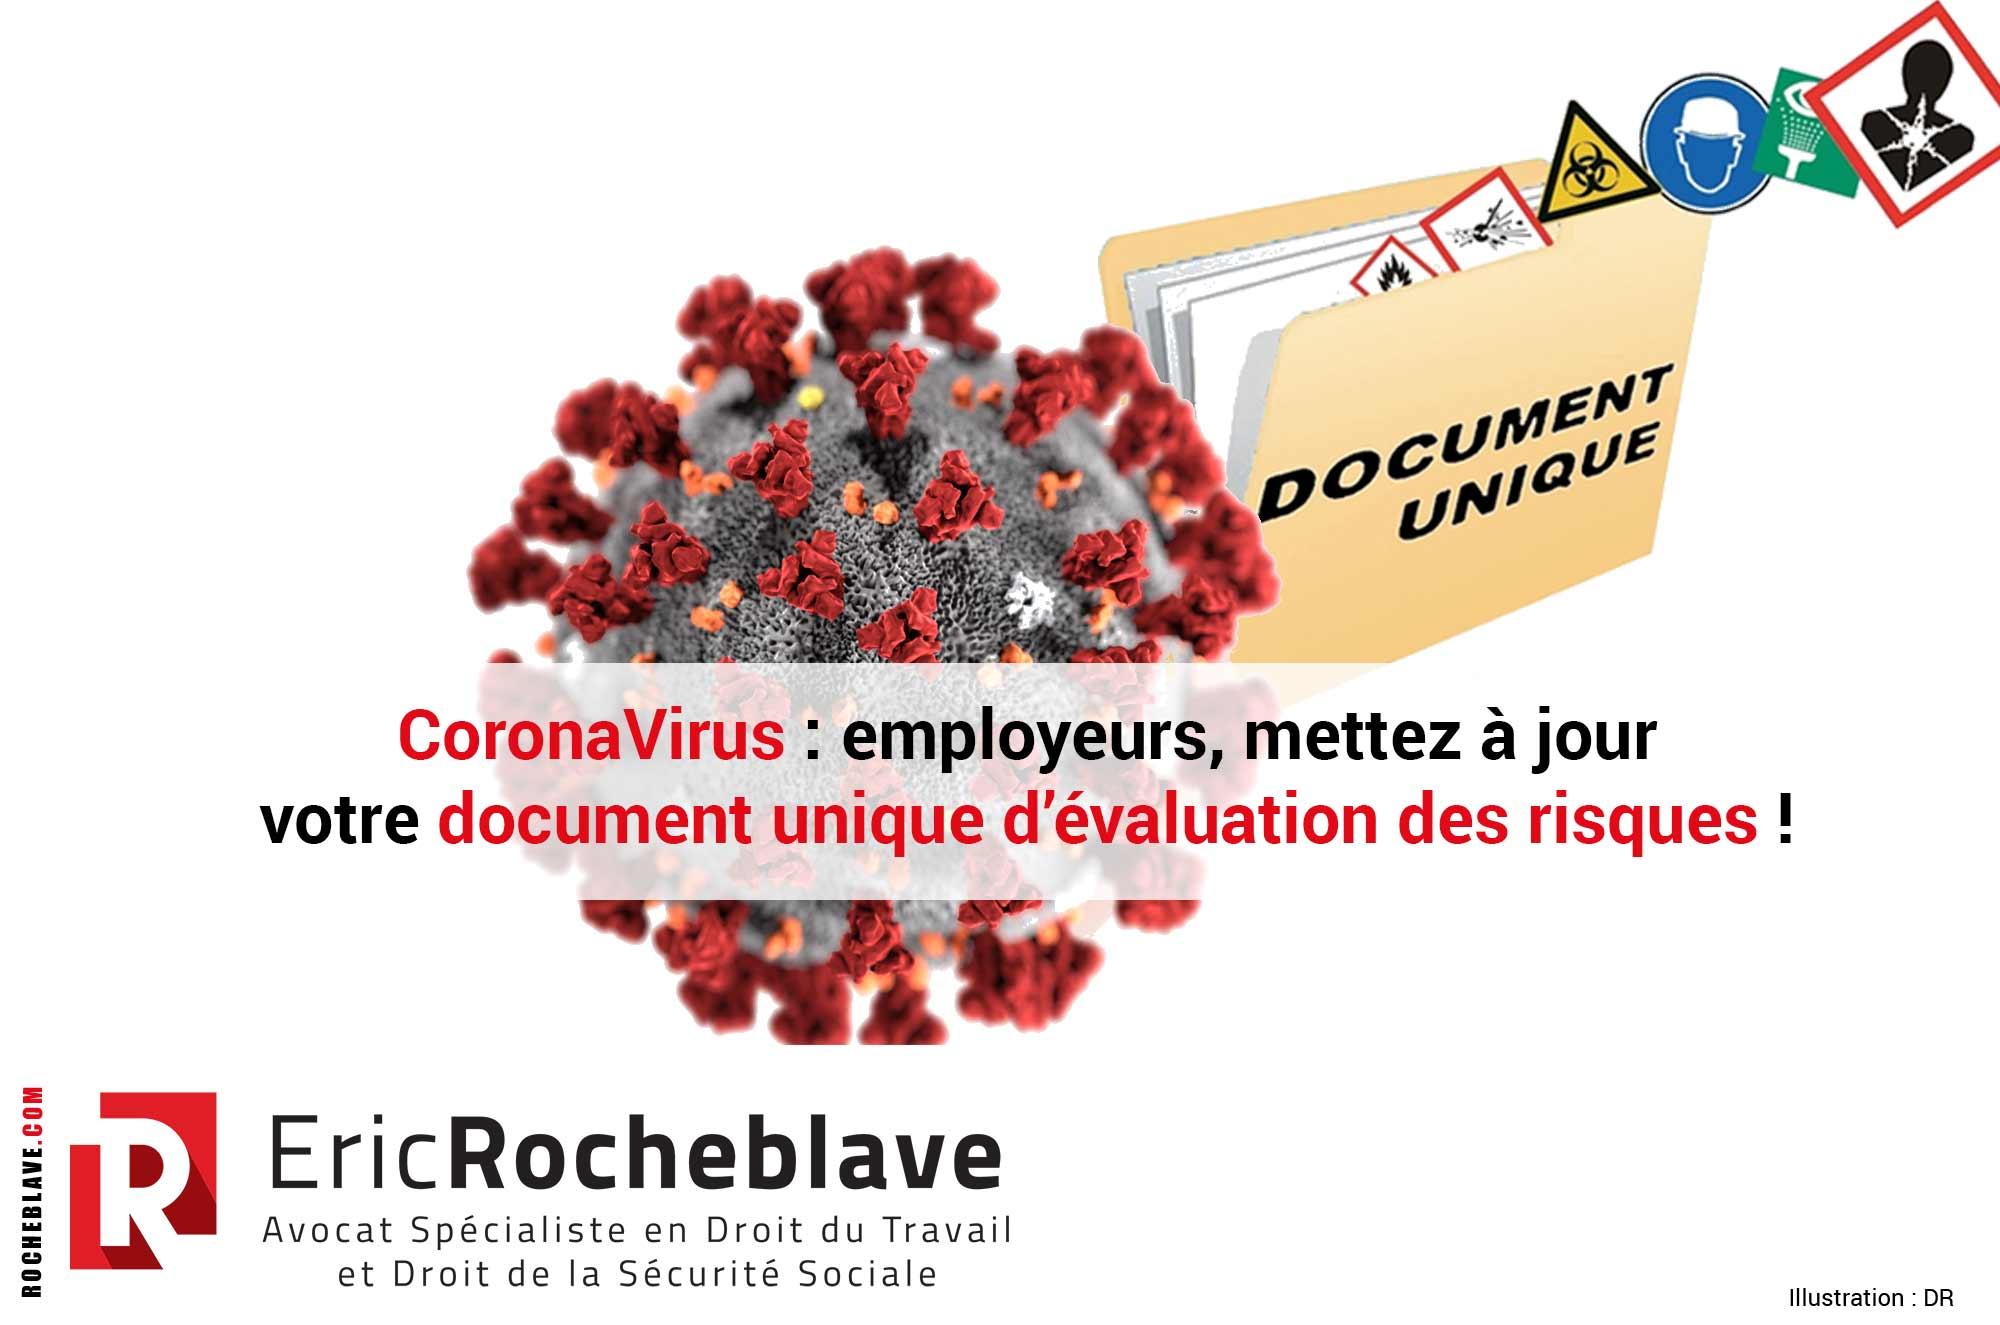 CoronaVirus : employeurs, mettez à jour votre document unique d'évaluation des risques !